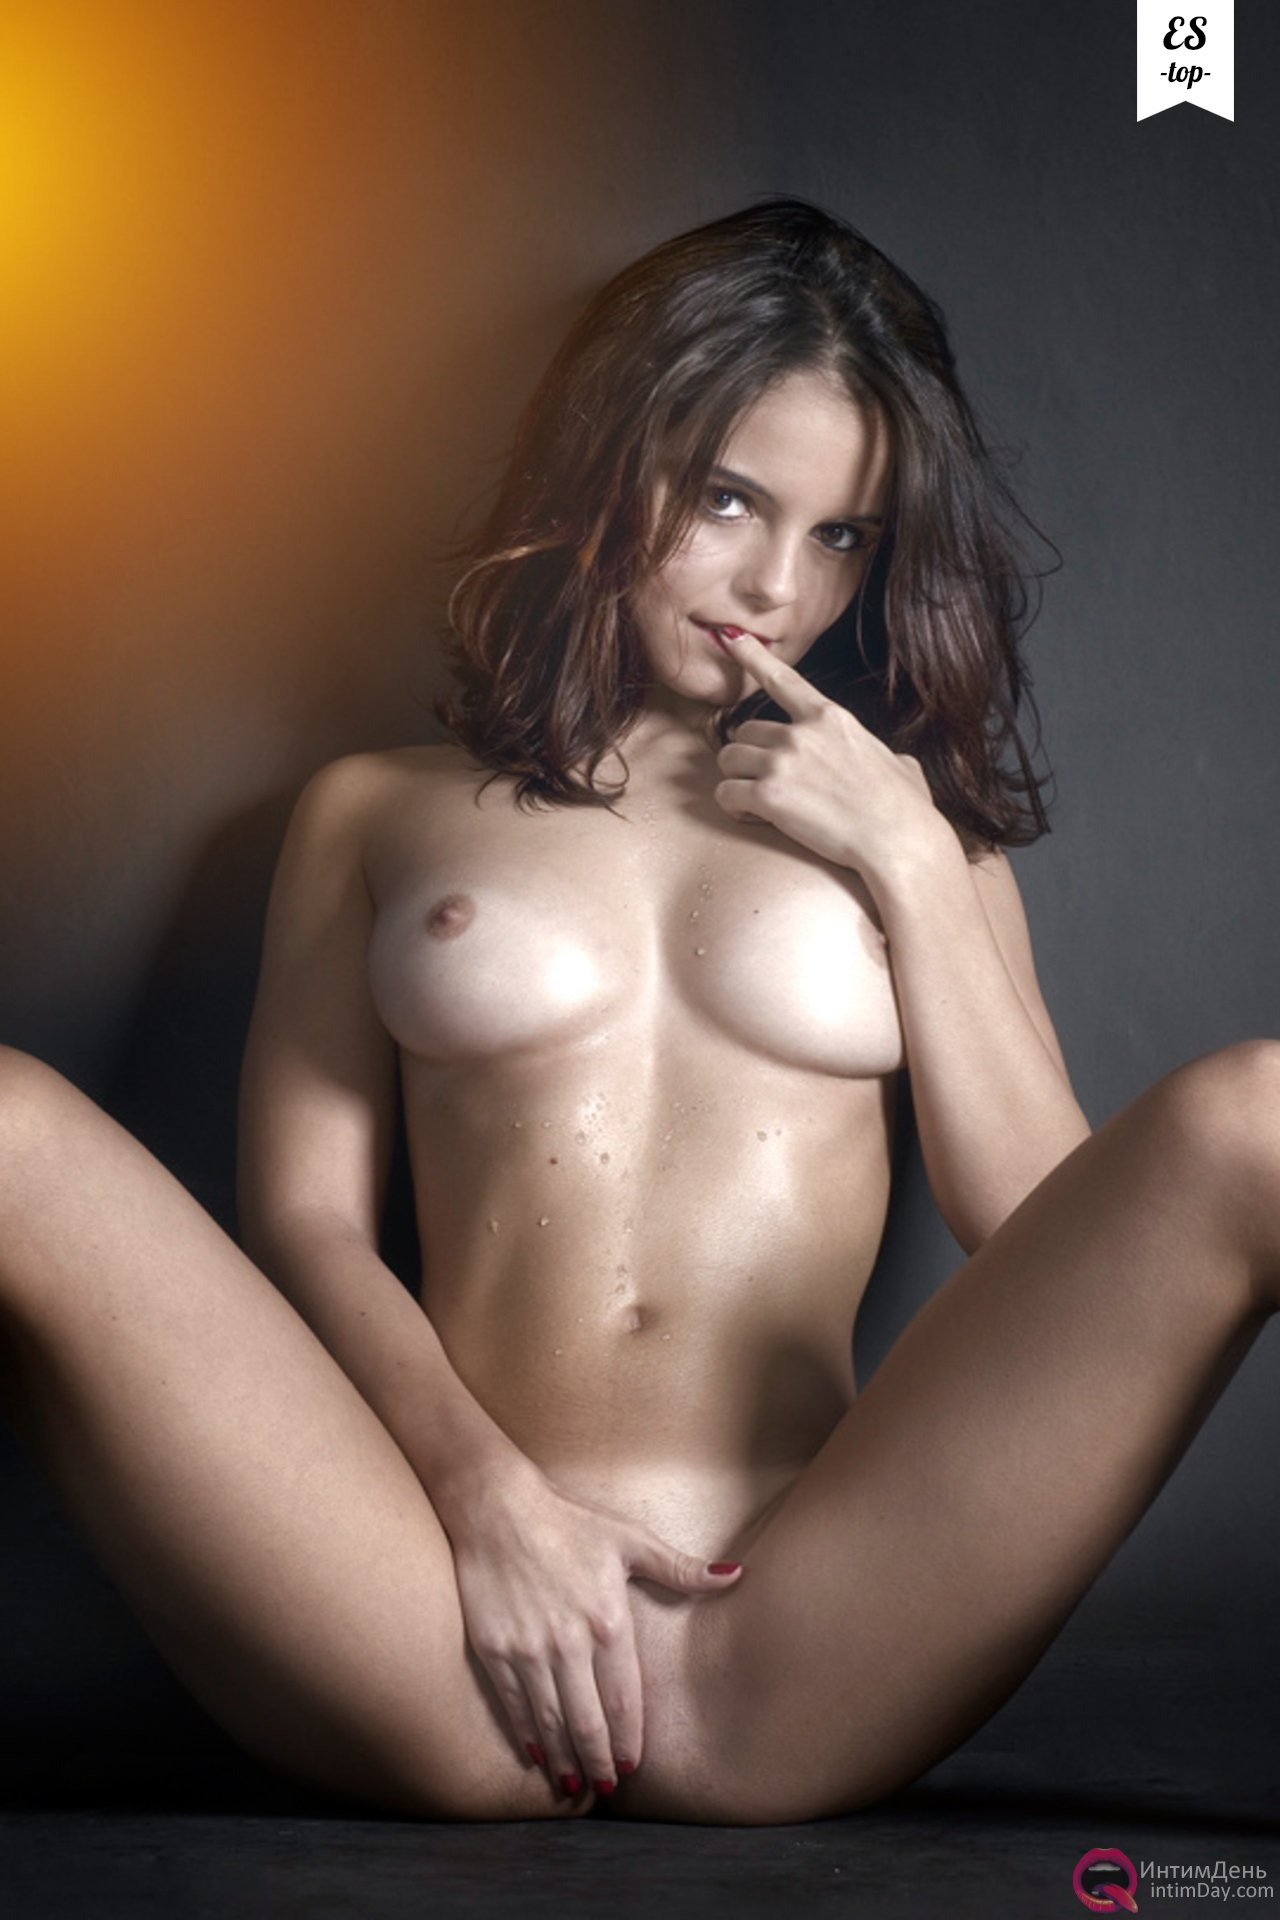 Реальные фото проституток украины 4 фотография